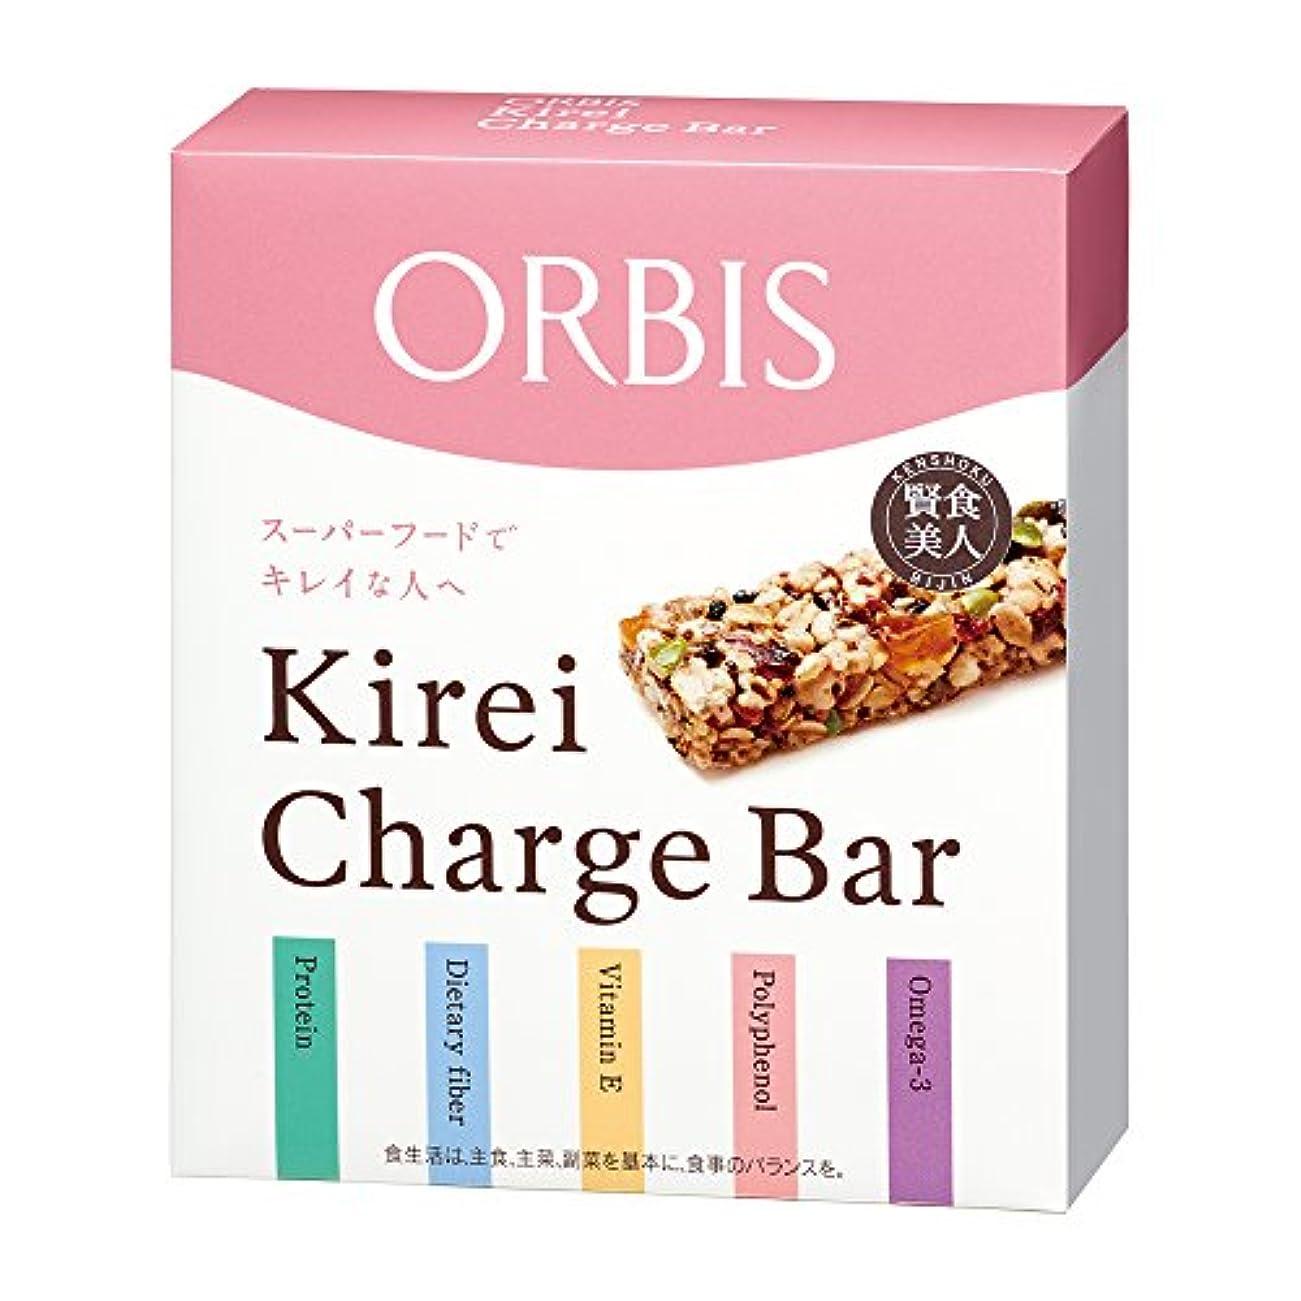 降雨足首二層オルビス(ORBIS) Kirei Charge Bar(キレイチャージバー) オリジナルミックス ◎美容シリアルバー◎